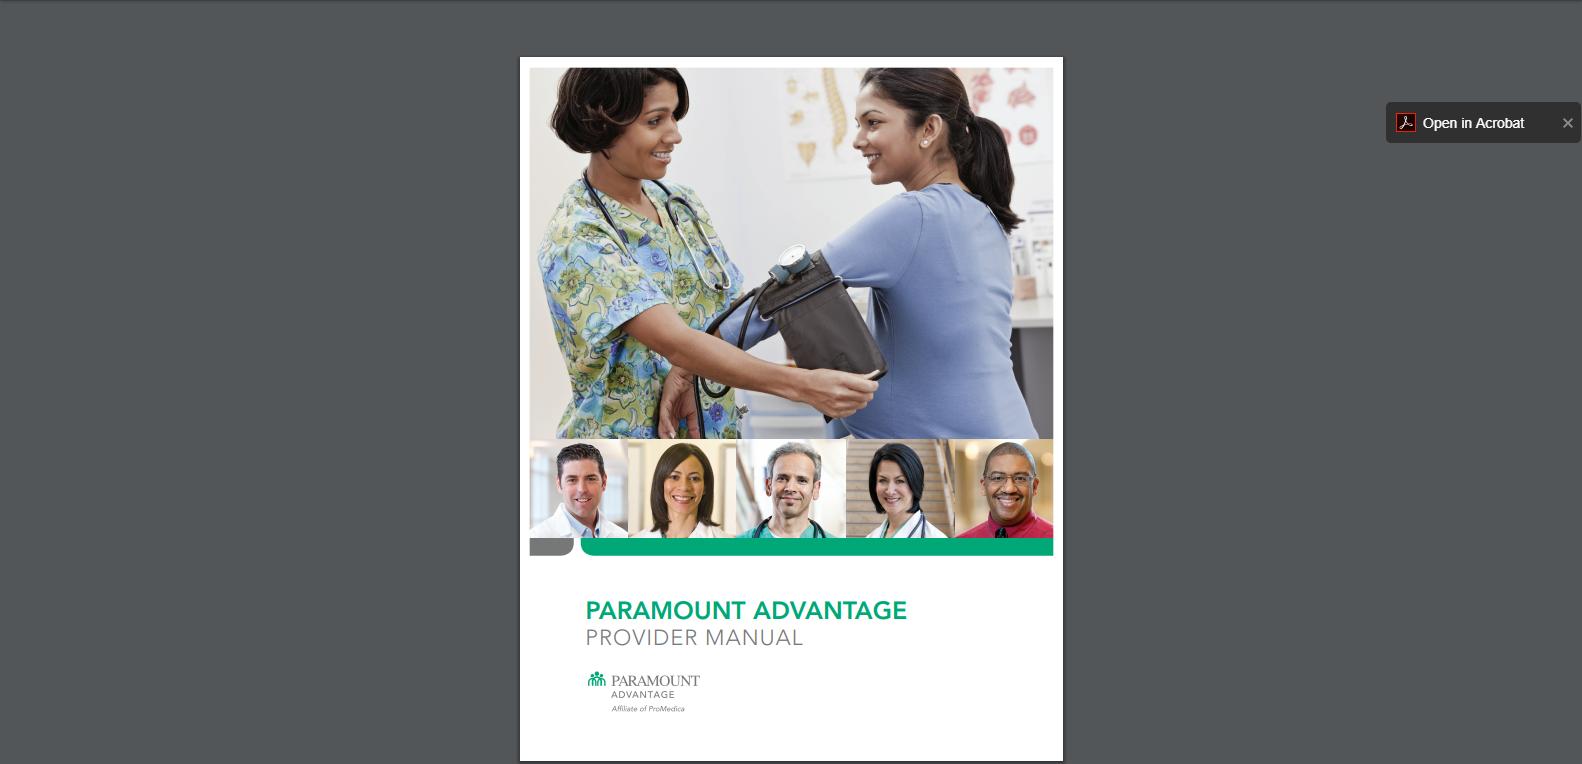 ParamountAdvantageProviderManualPDF.PNG